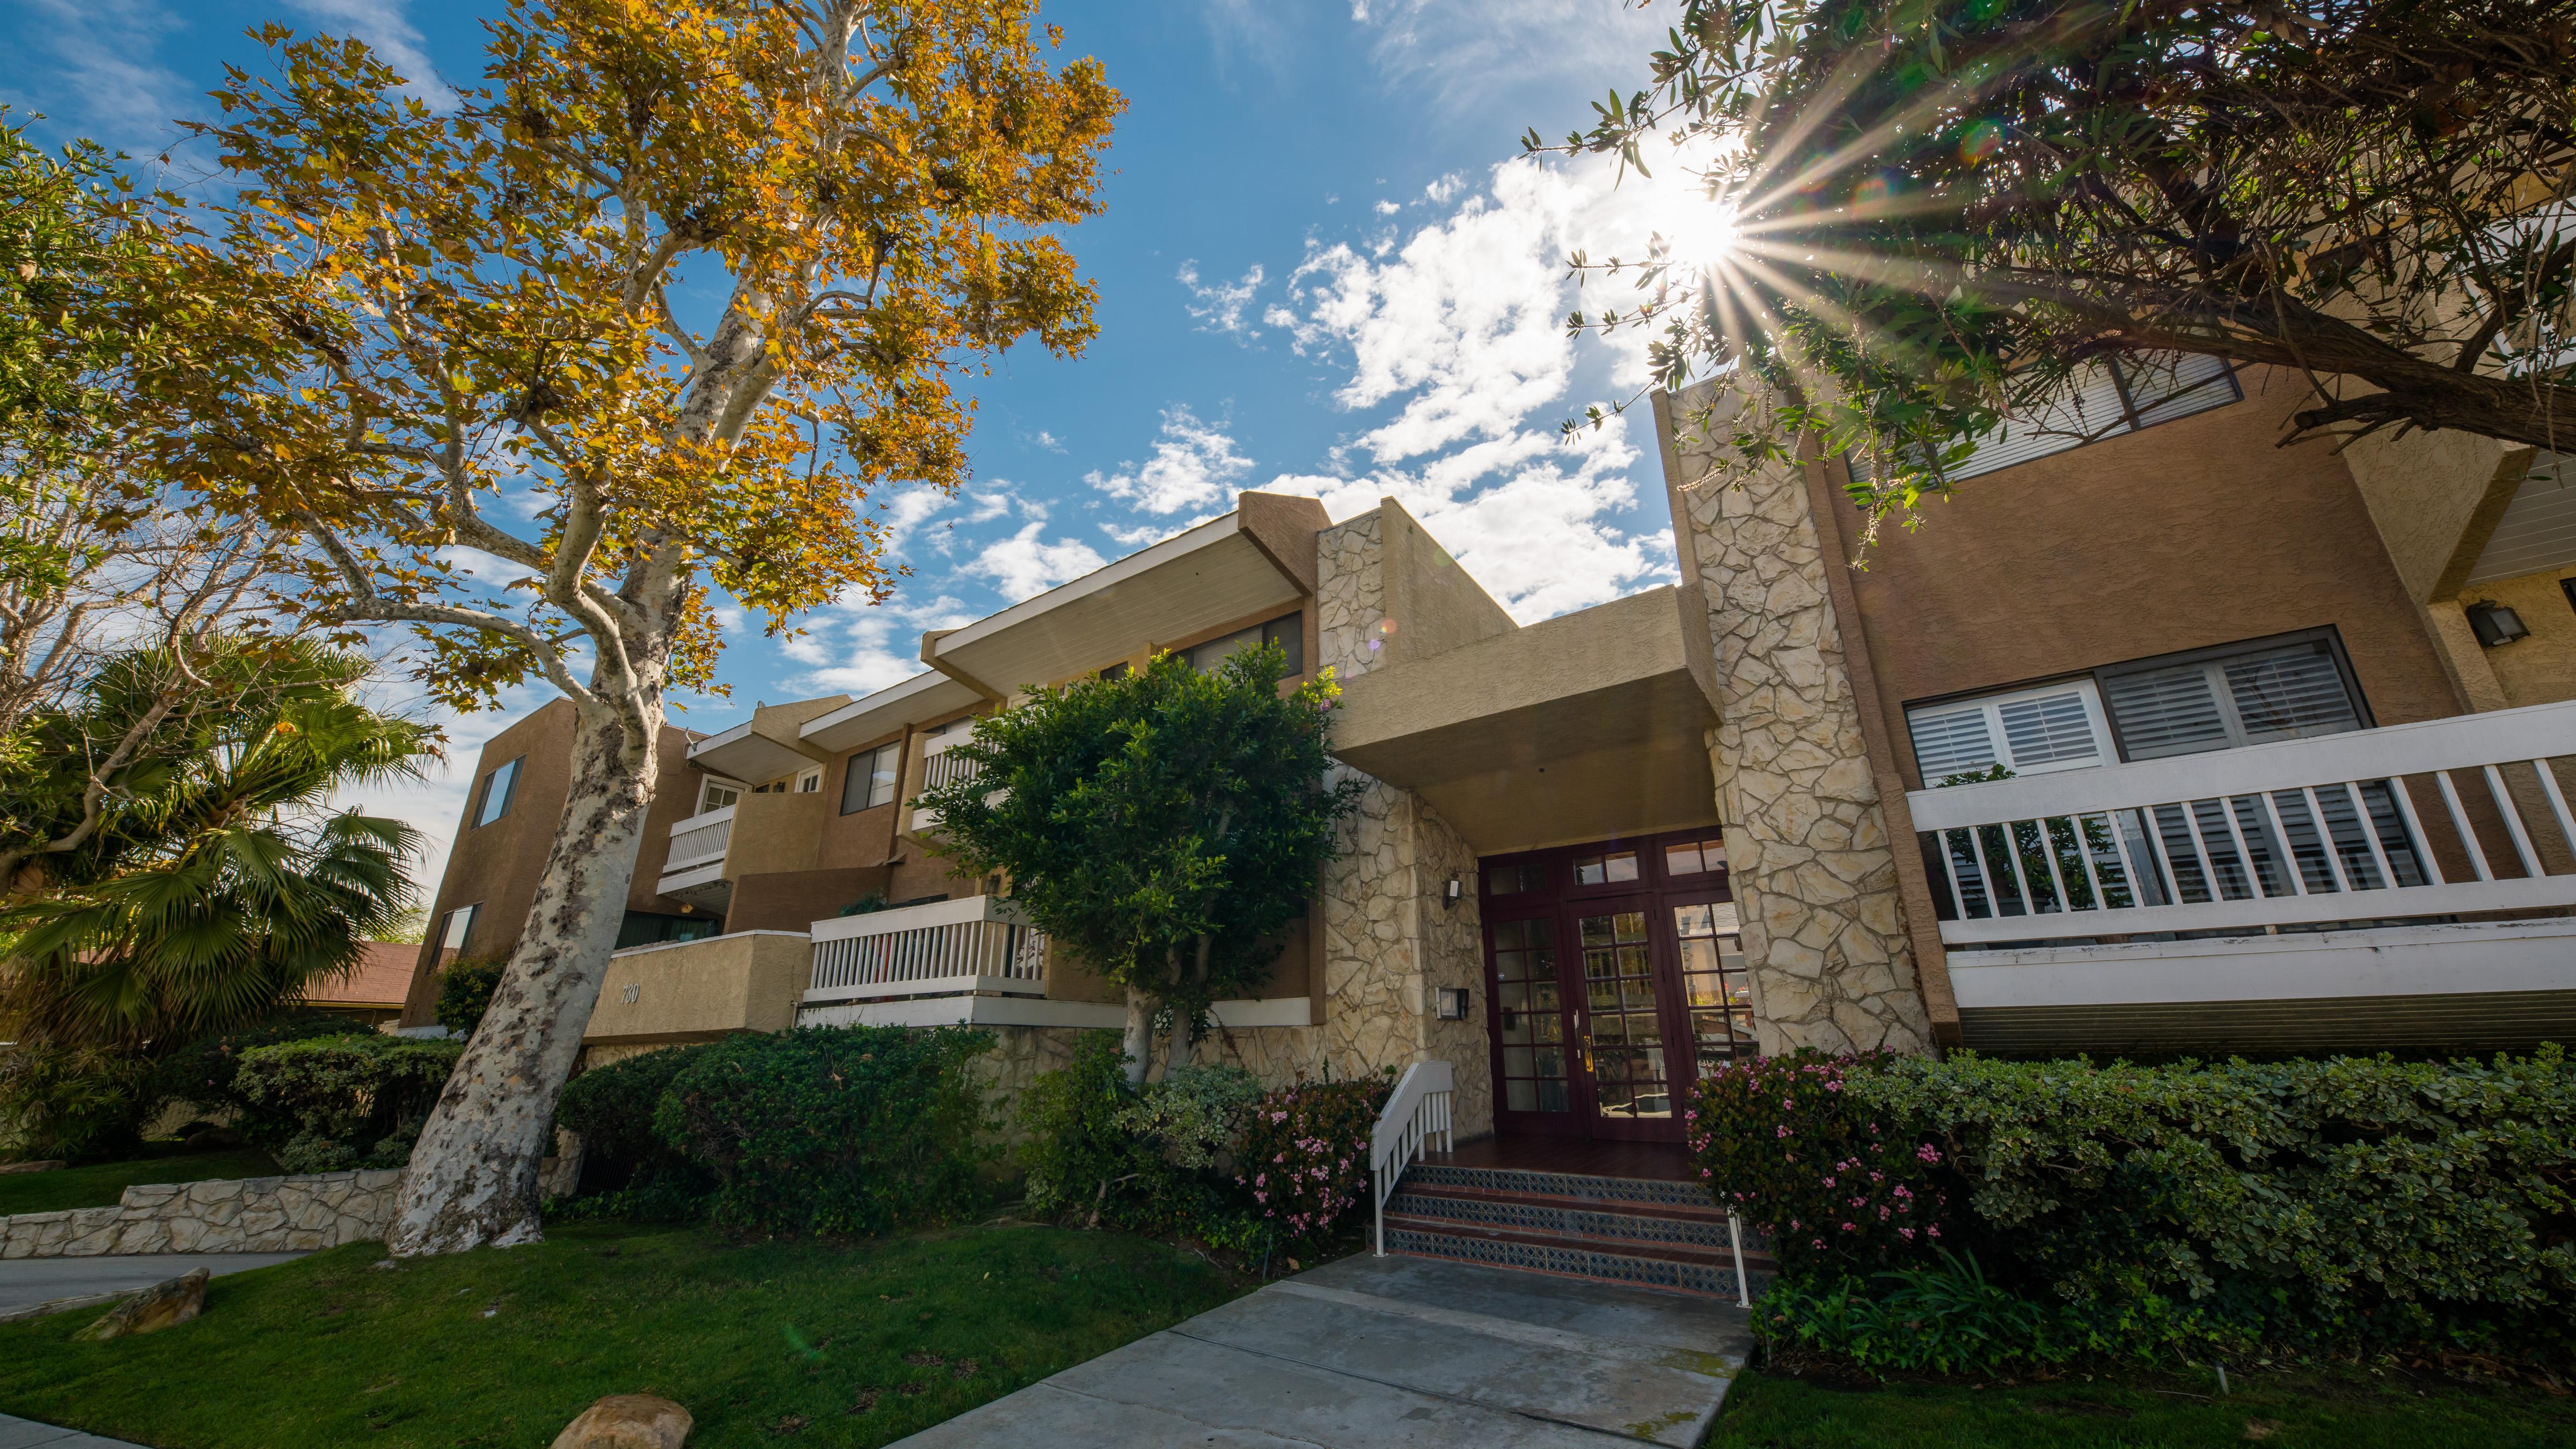 180320-0119 730 Cory Drive #9 Inglewood